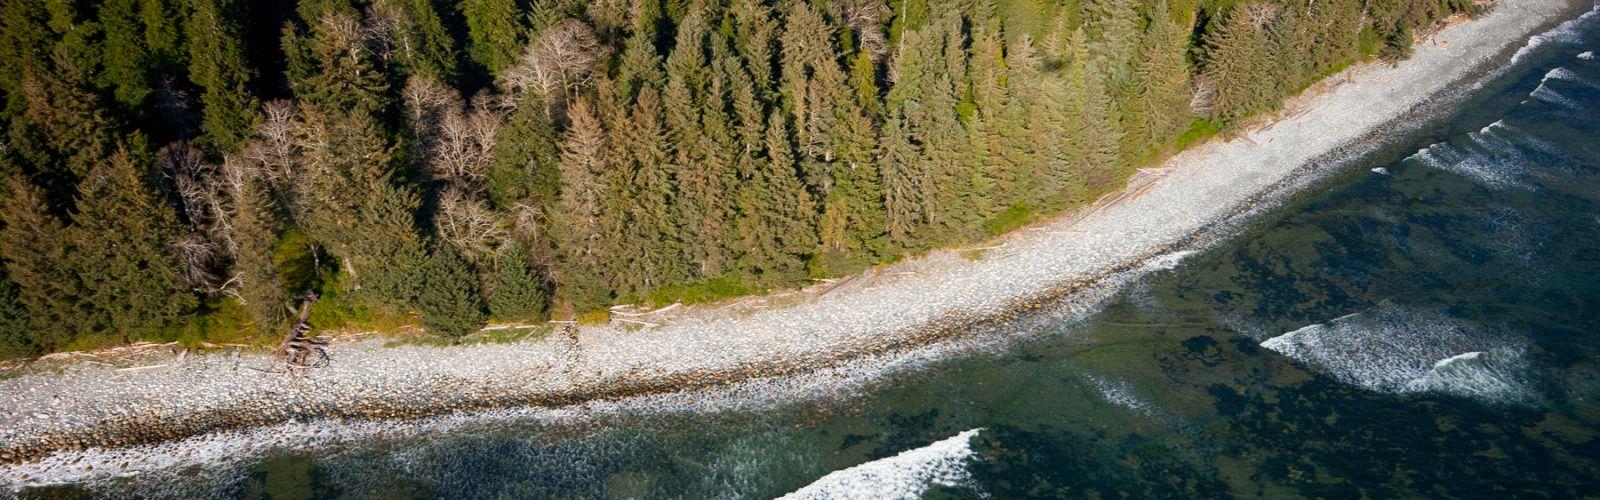 Clayoquot声音鸟瞰图,在温哥华海岛西海岸在不列颠哥伦比亚省加拿大省的。